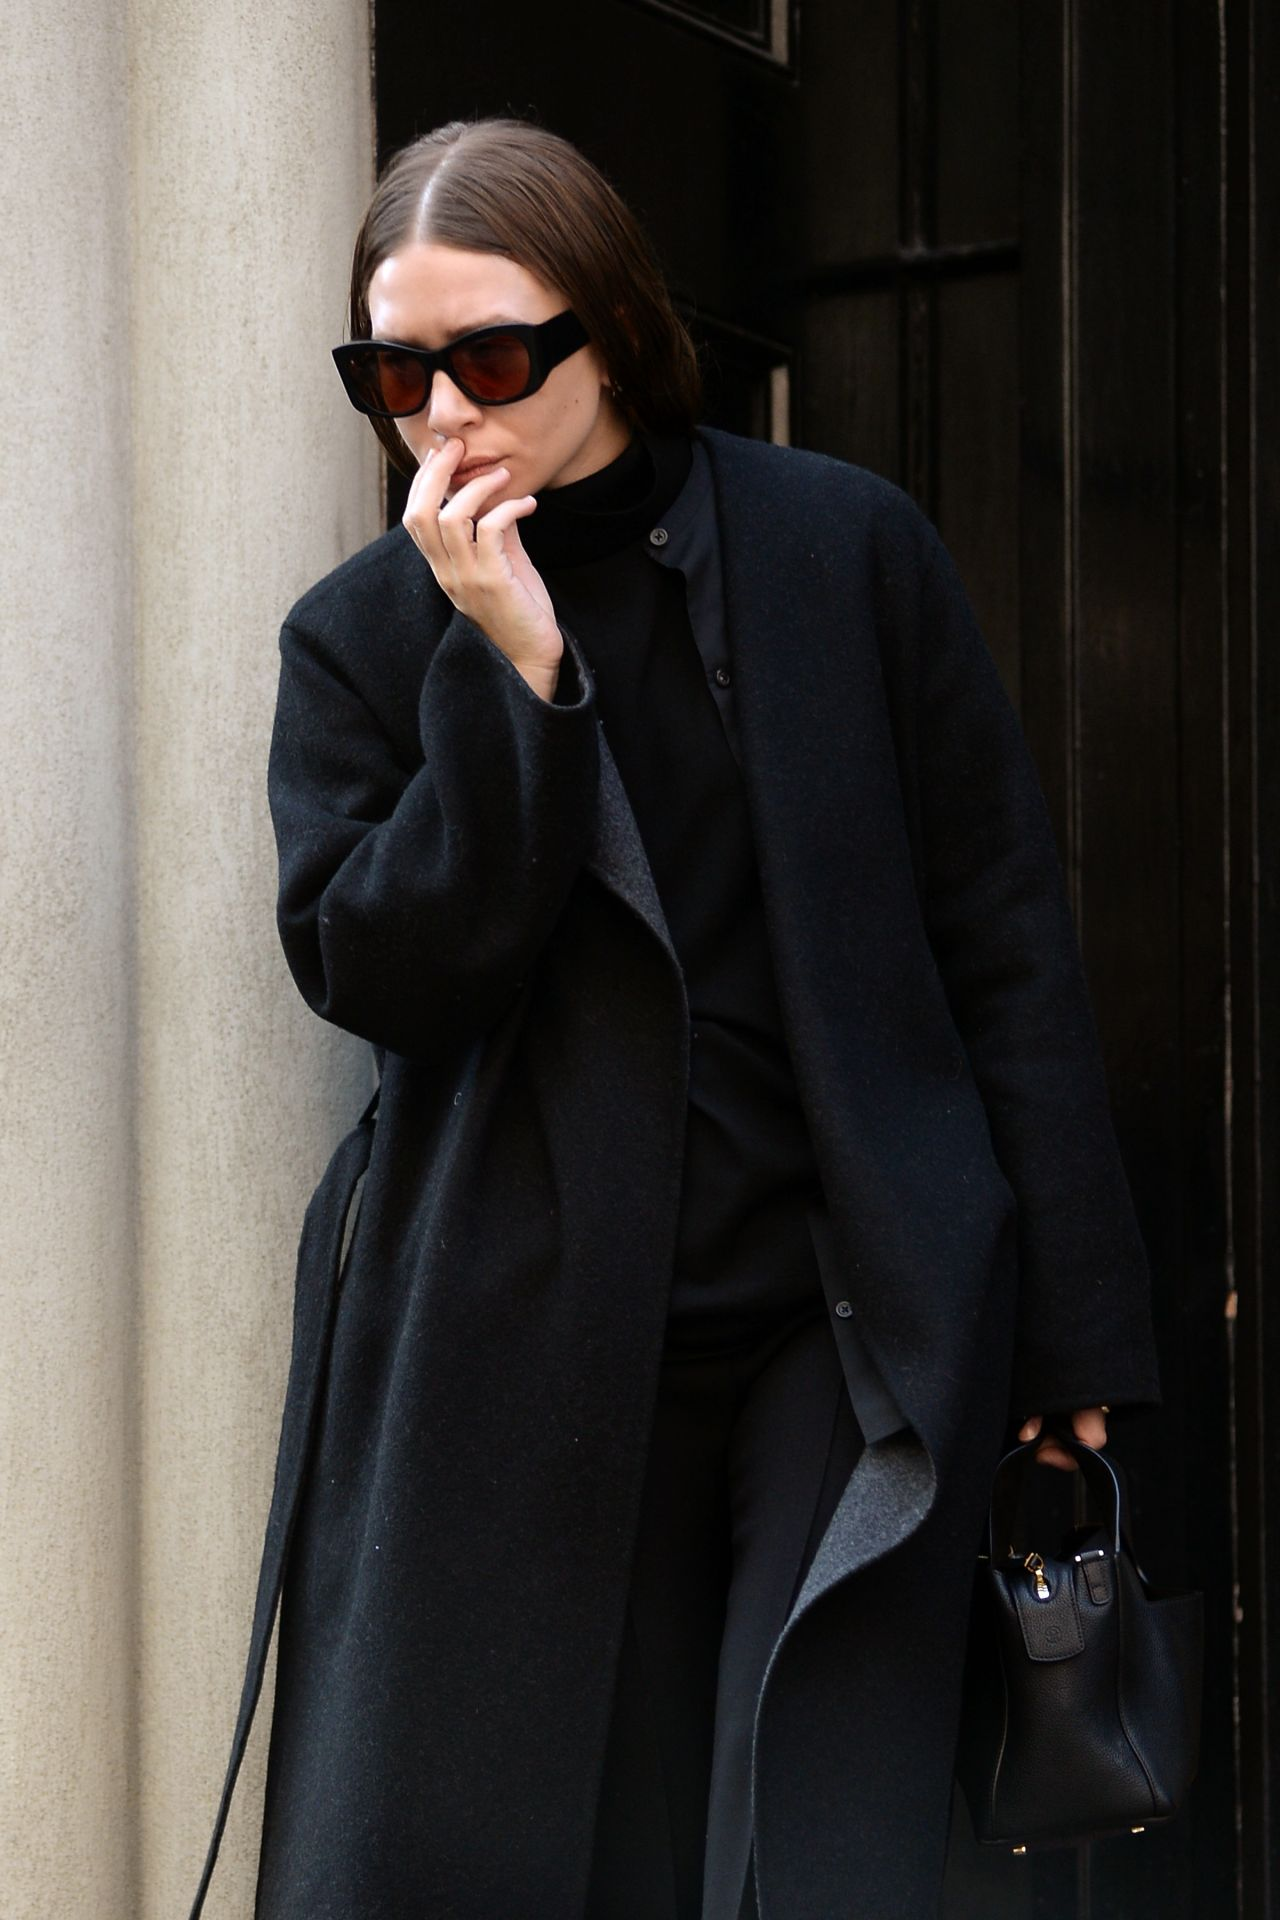 Olsen Leaving Her Apartment in New York 3/7/2016